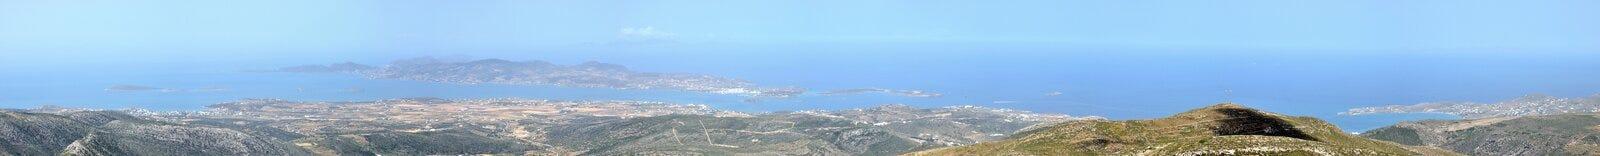 Ελλάδα, πανόραμα Antiparos Στοκ εικόνες με δικαίωμα ελεύθερης χρήσης